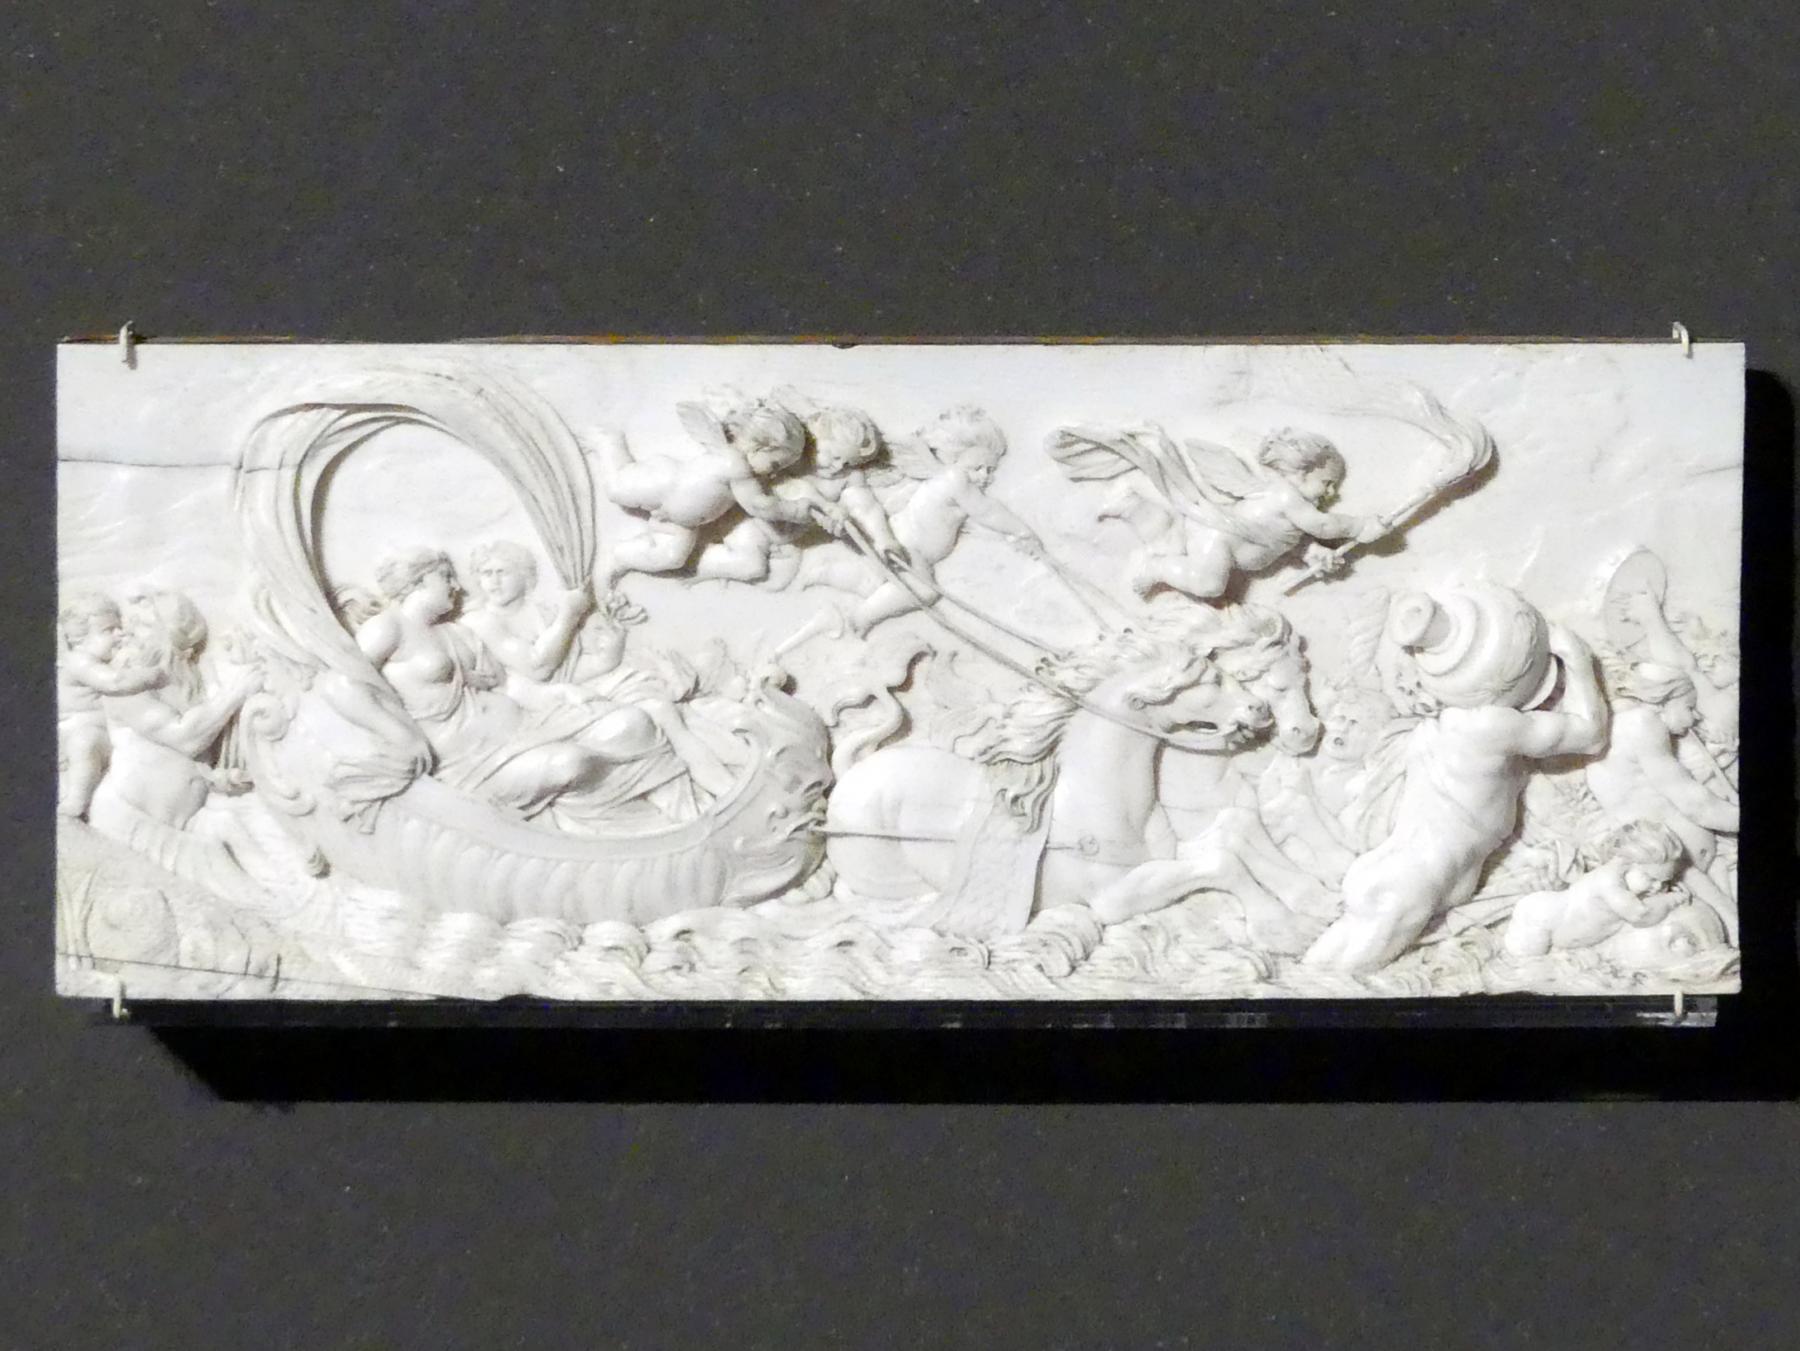 Hochzeitszug von Acis und Galathea (?), um 1660 - 1680